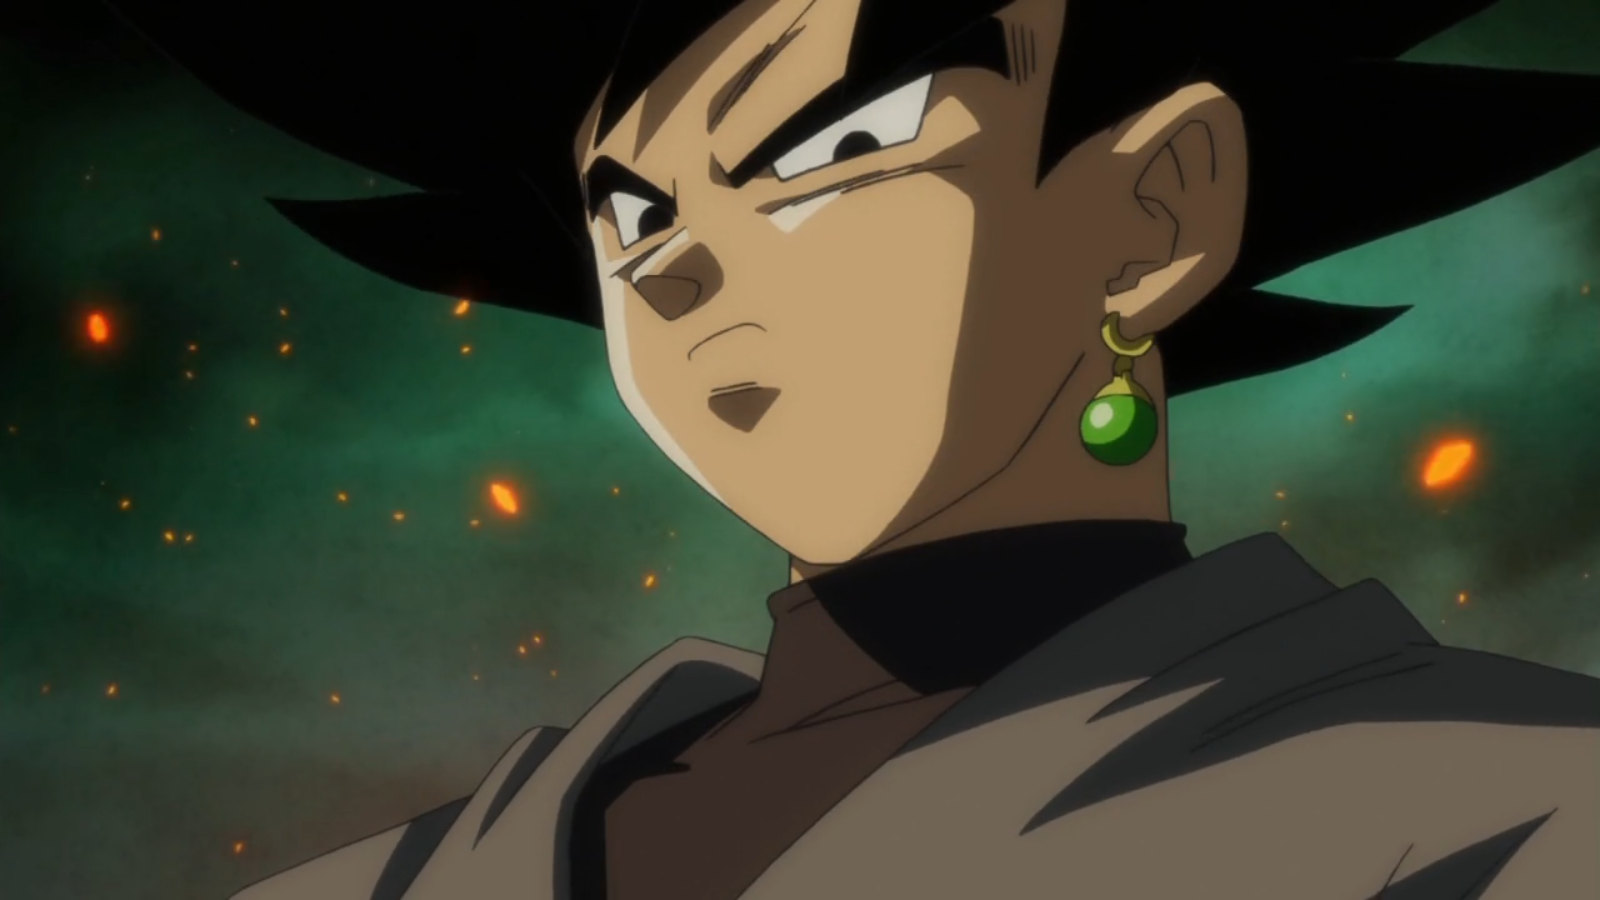 Dragon Ball Super Para Colorear Black Goku: Goku Black (Dragon Ball FighterZ